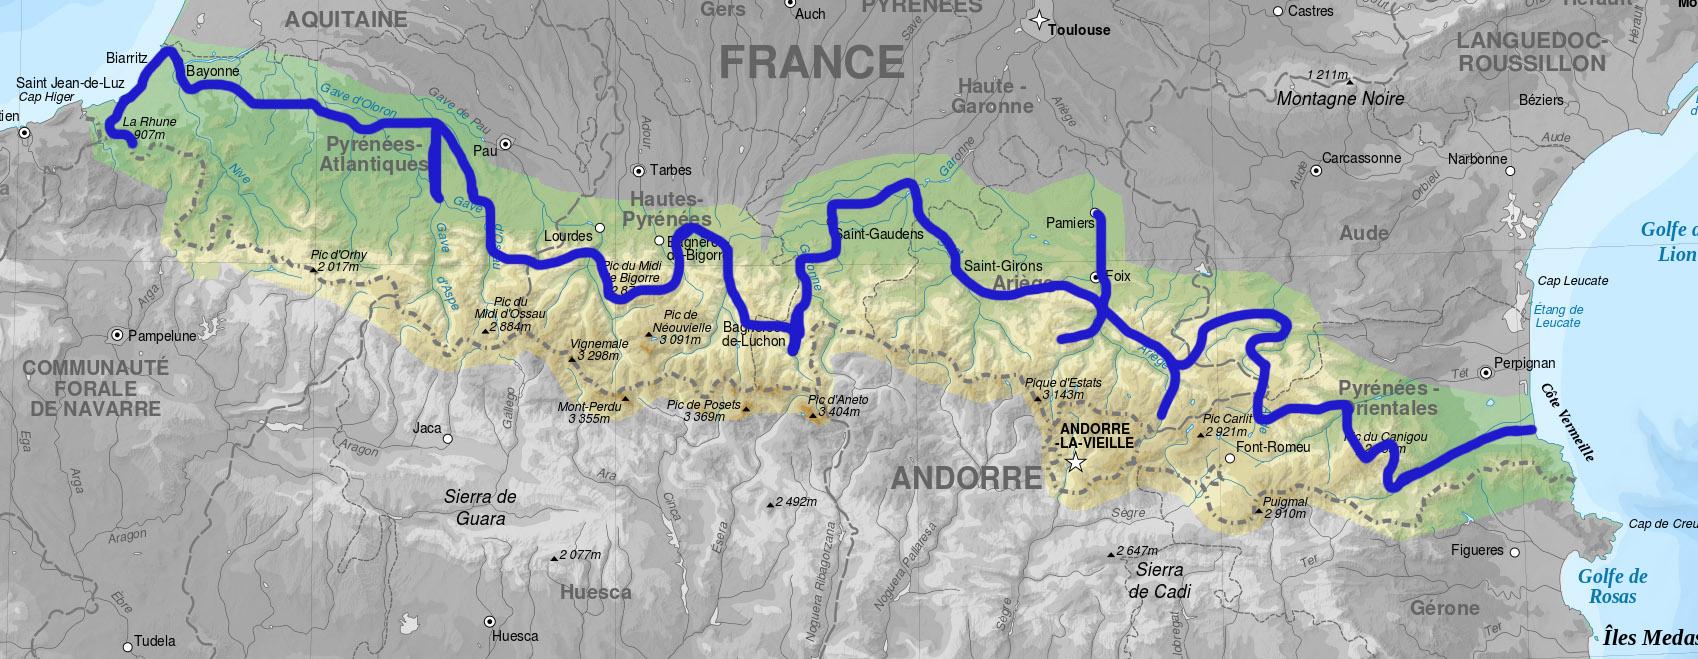 carte traversée des pyrénées à vélo La Traversée des Pyrénées à vélos à assistance électrique   2013